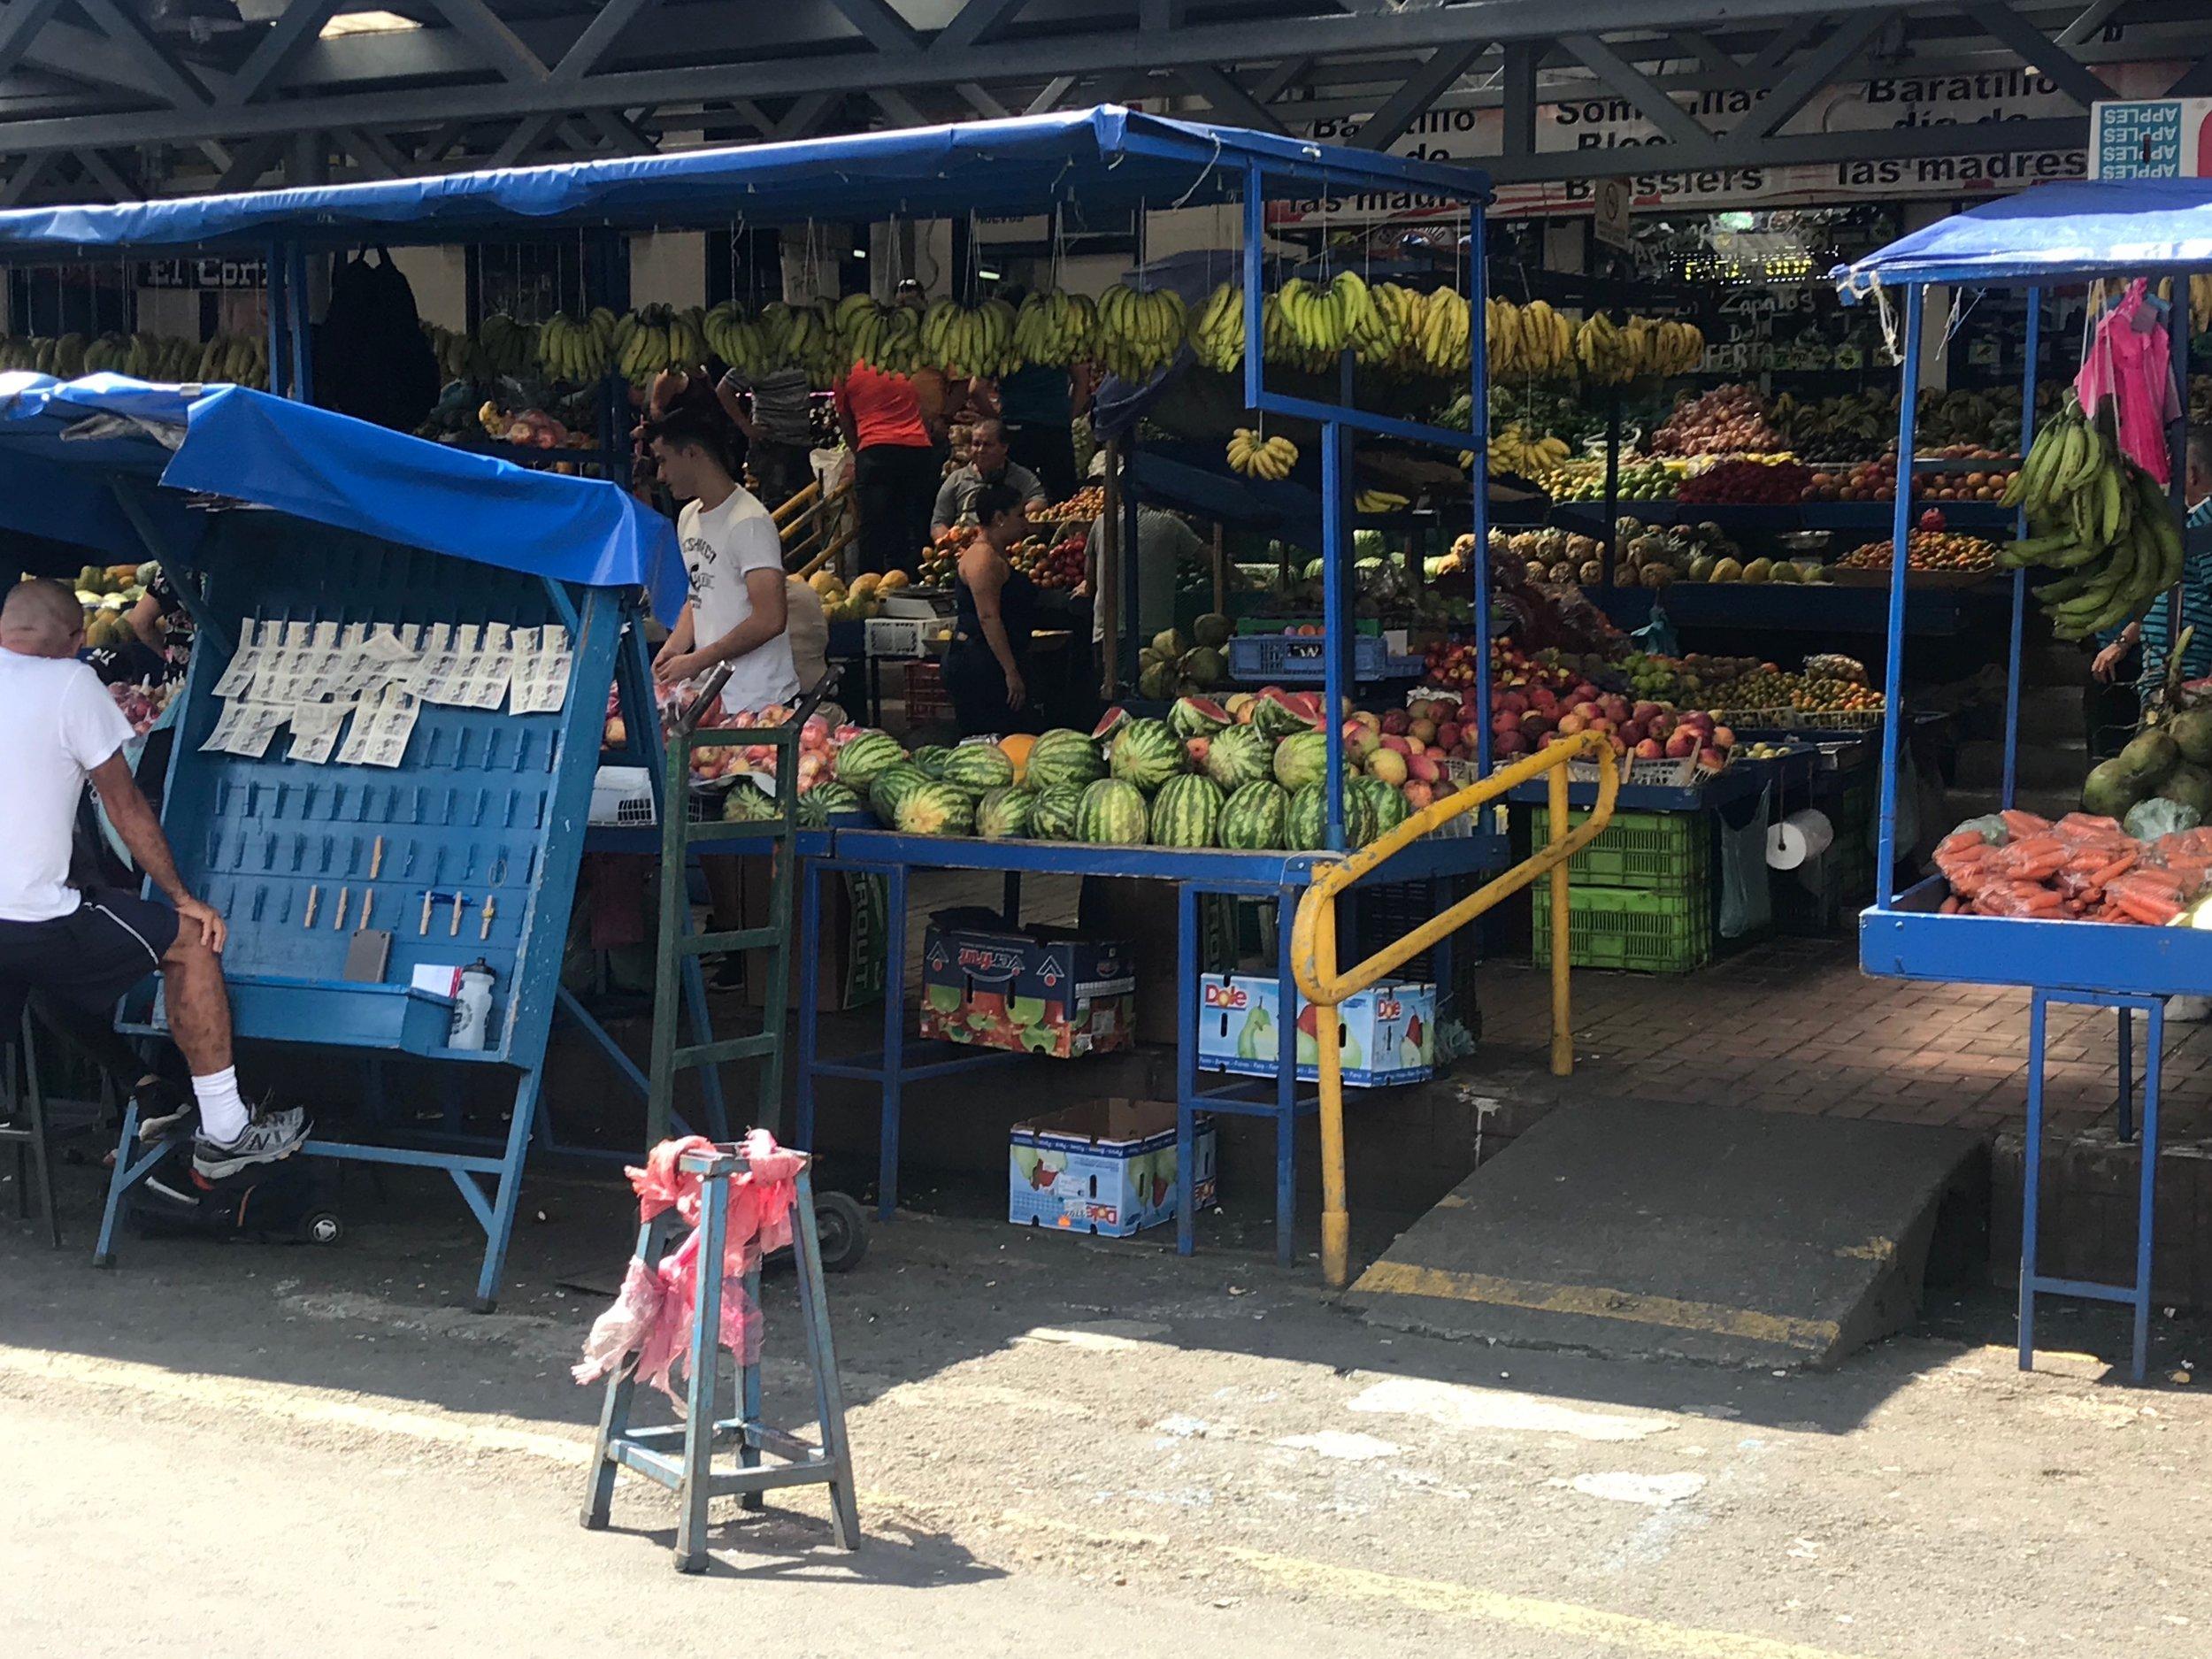 A market in Cartago